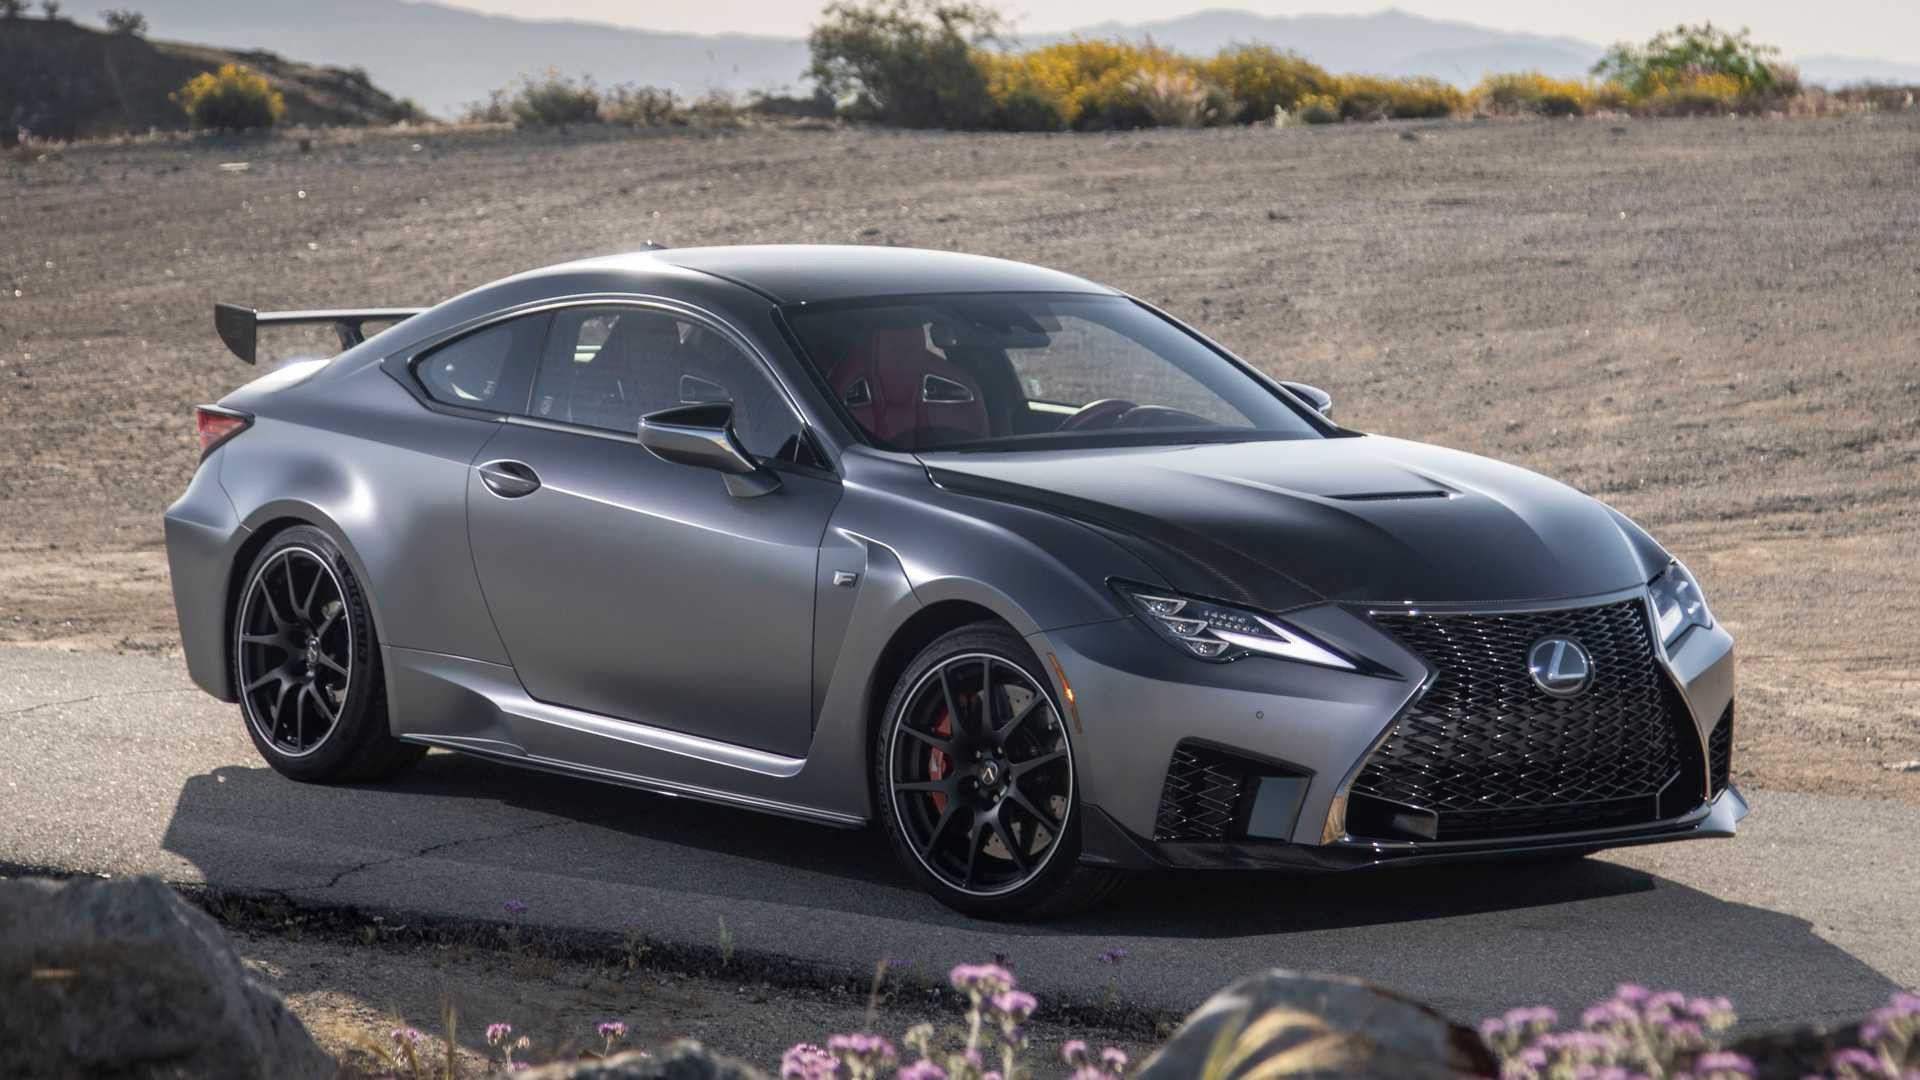 2020 Lexus Coupe Price di 2020